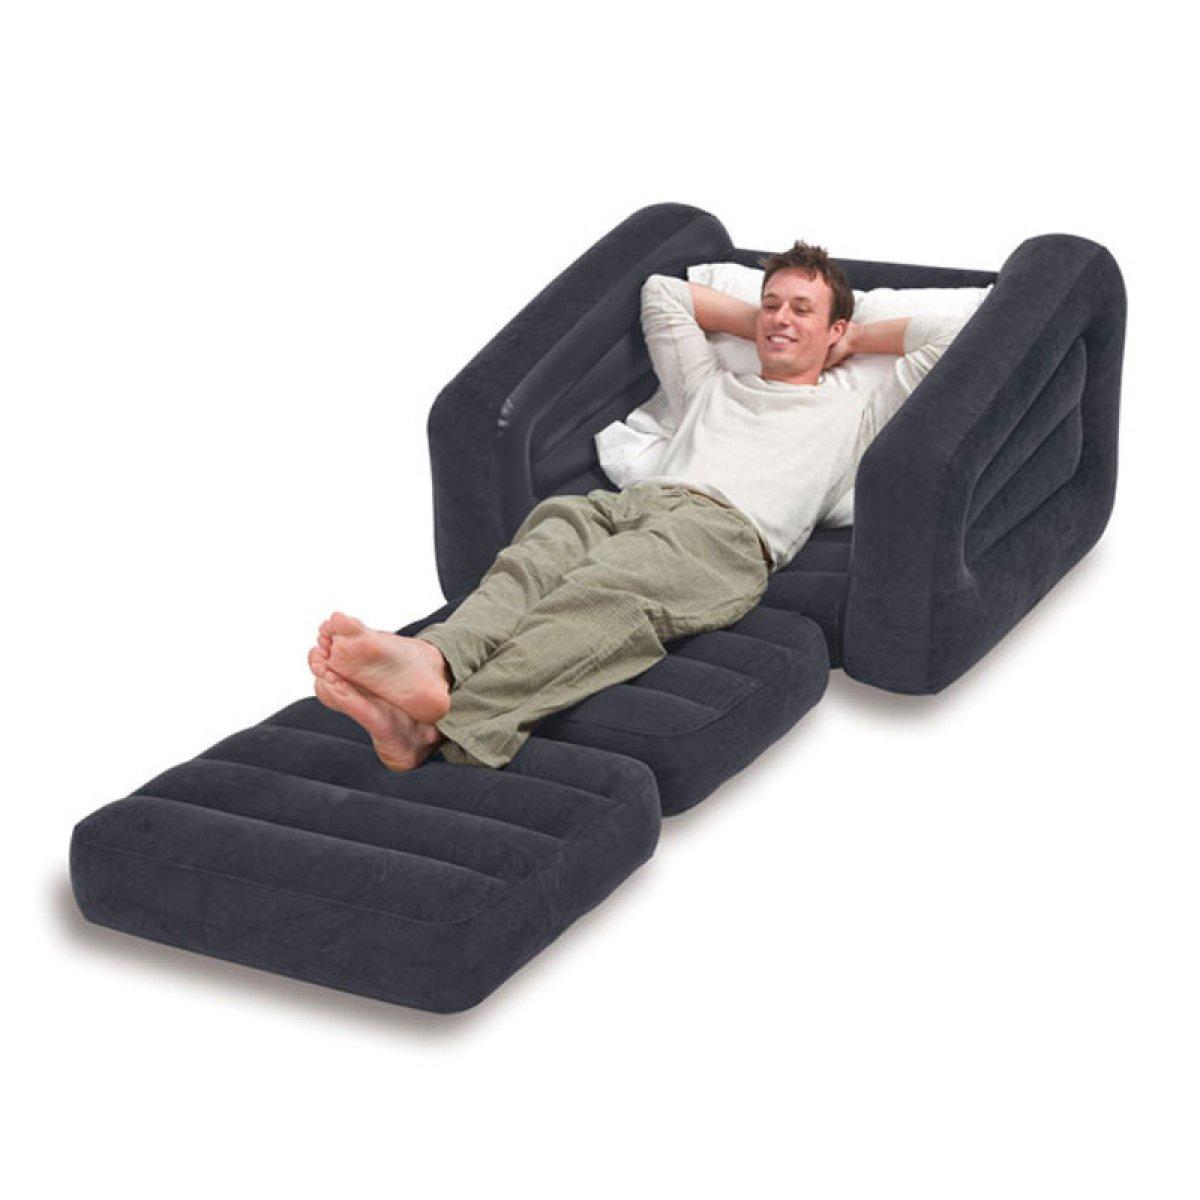 DFB Luxus Einzel-Aufblasbare Sofa Lazy Sofa Bett Aufblasbare Bett Aufblasbare Klappstuhl Strand Freizeit Reise Home Abenteuer